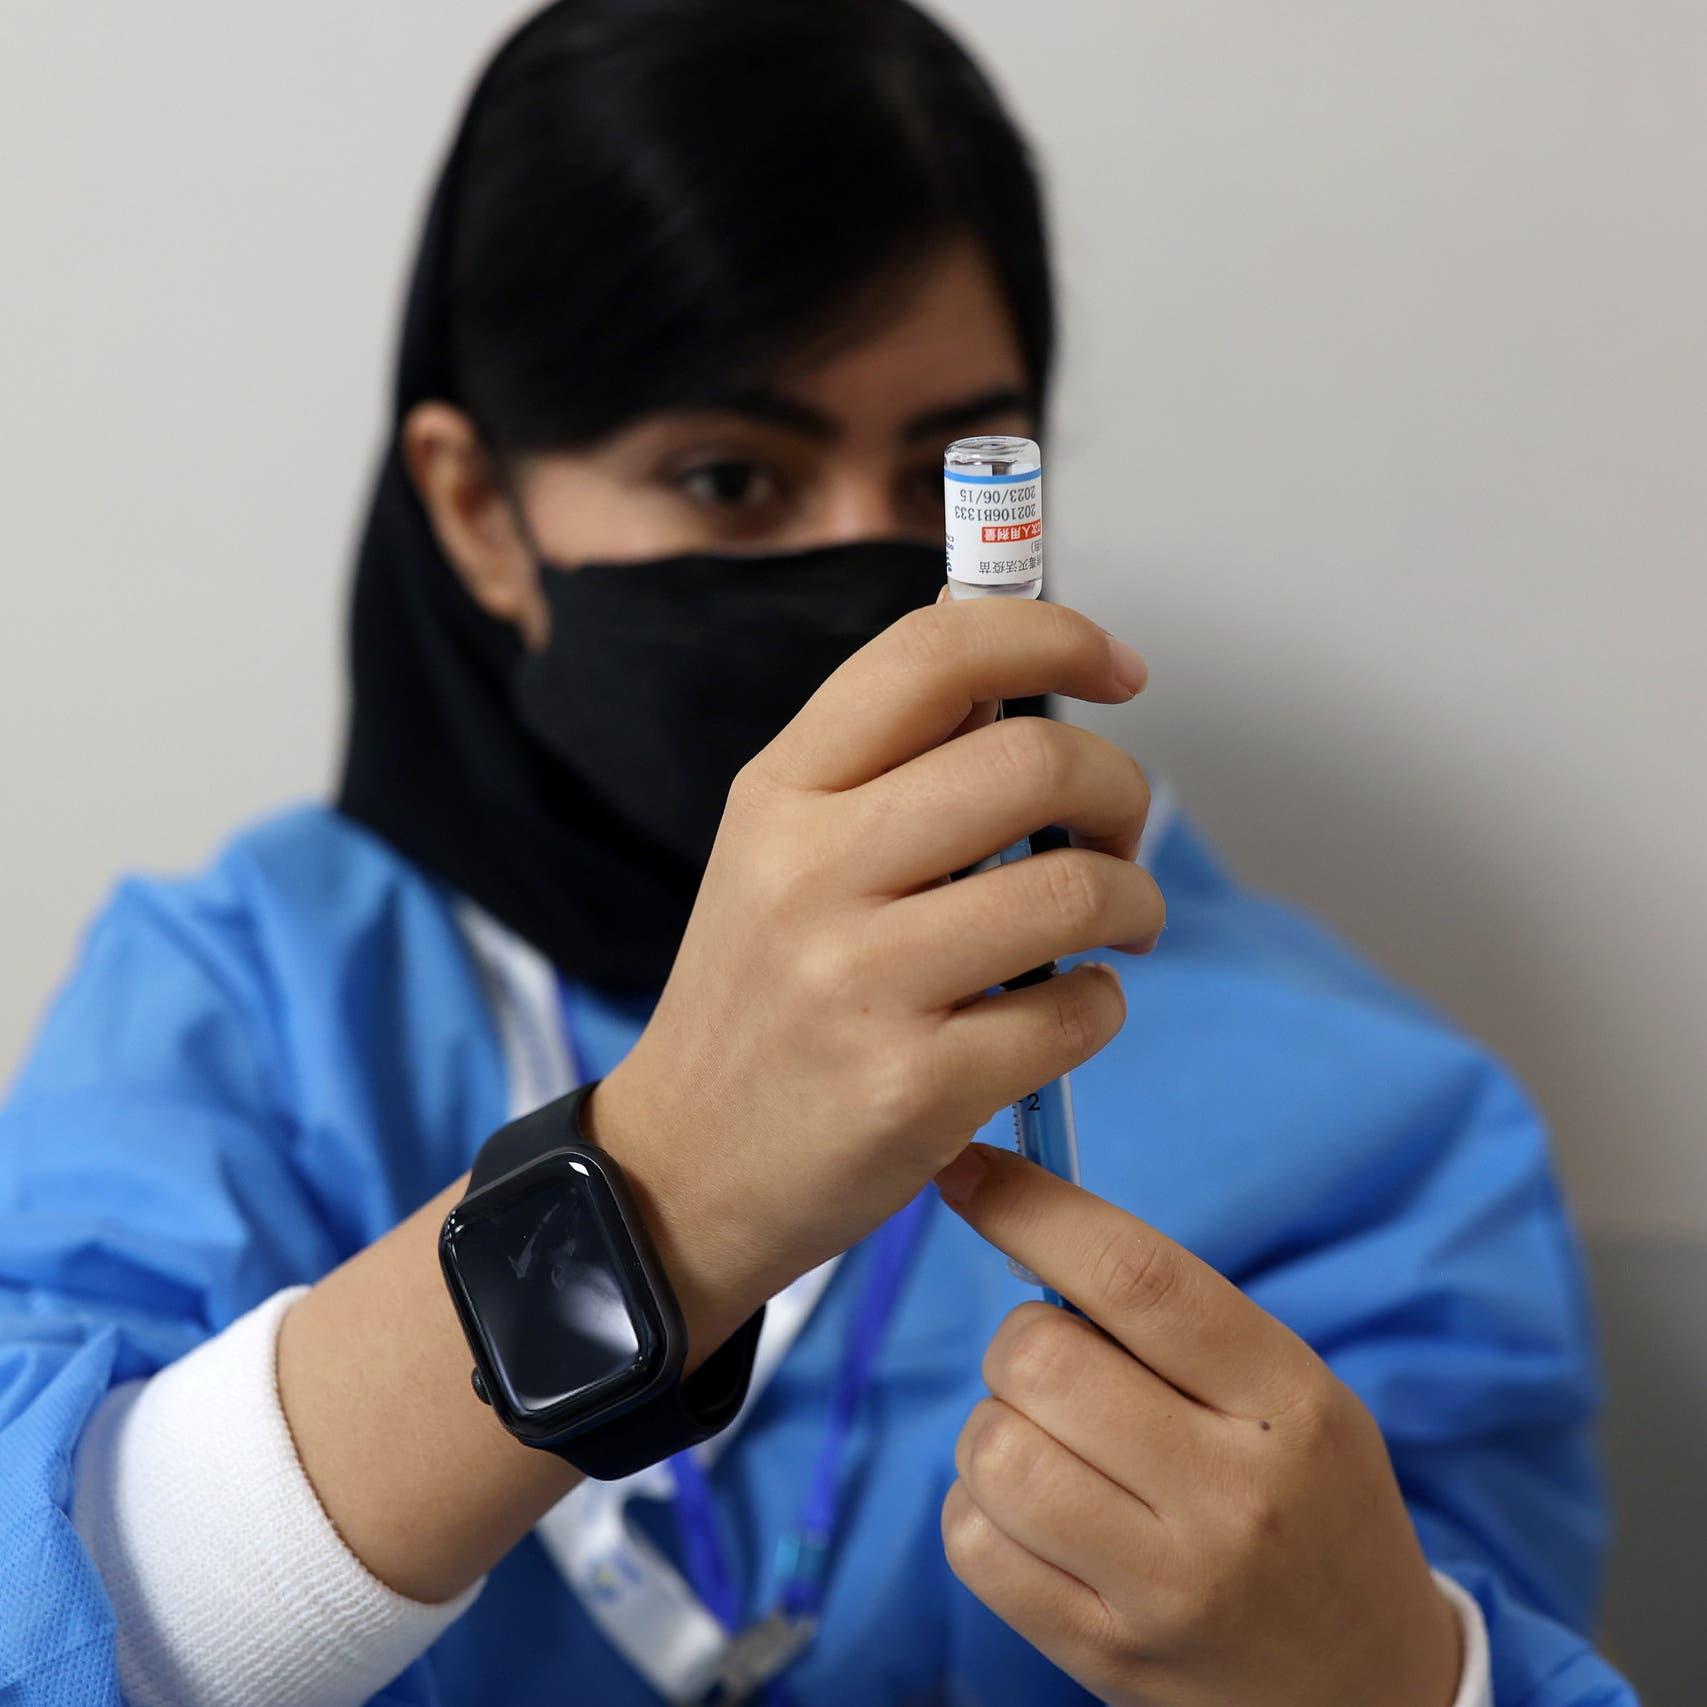 """وثيقة صحية إيرانية تؤكد """"الفشل التام"""" لبرنامج التطعيم"""